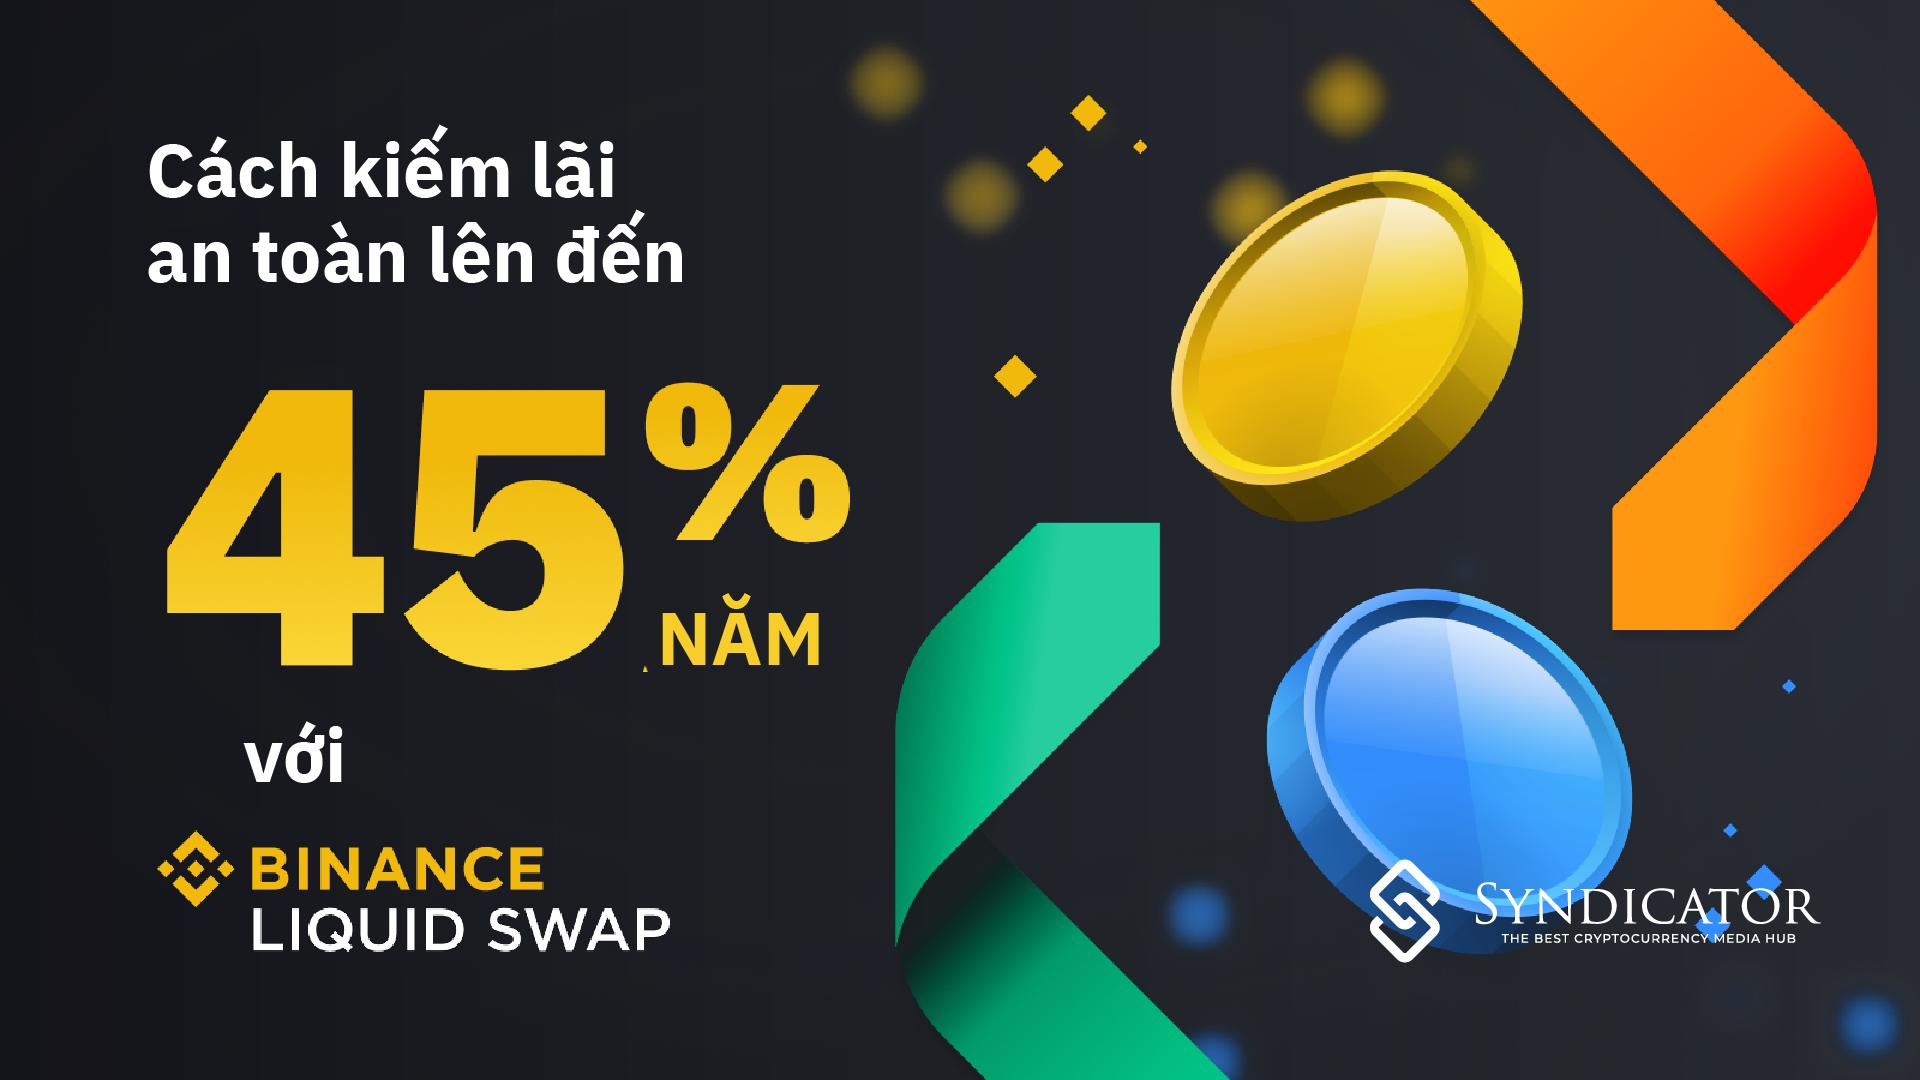 Cách kiếm lãi an toàn lên tới 45% năm với Binance Liquid Swap - Syndicator